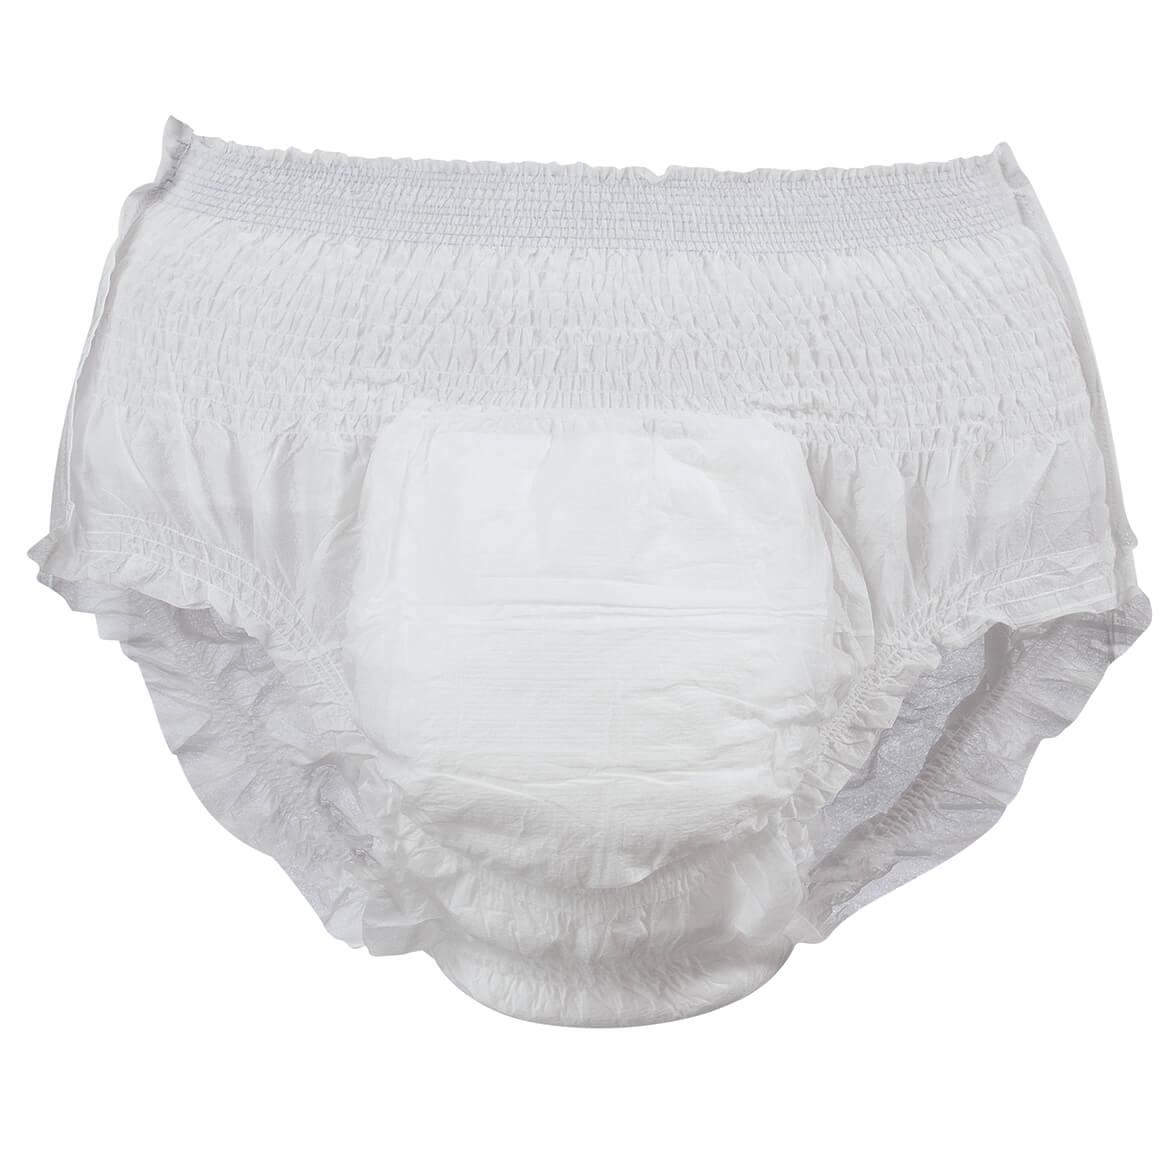 Wellness Absorbent Underwear - Case-348263